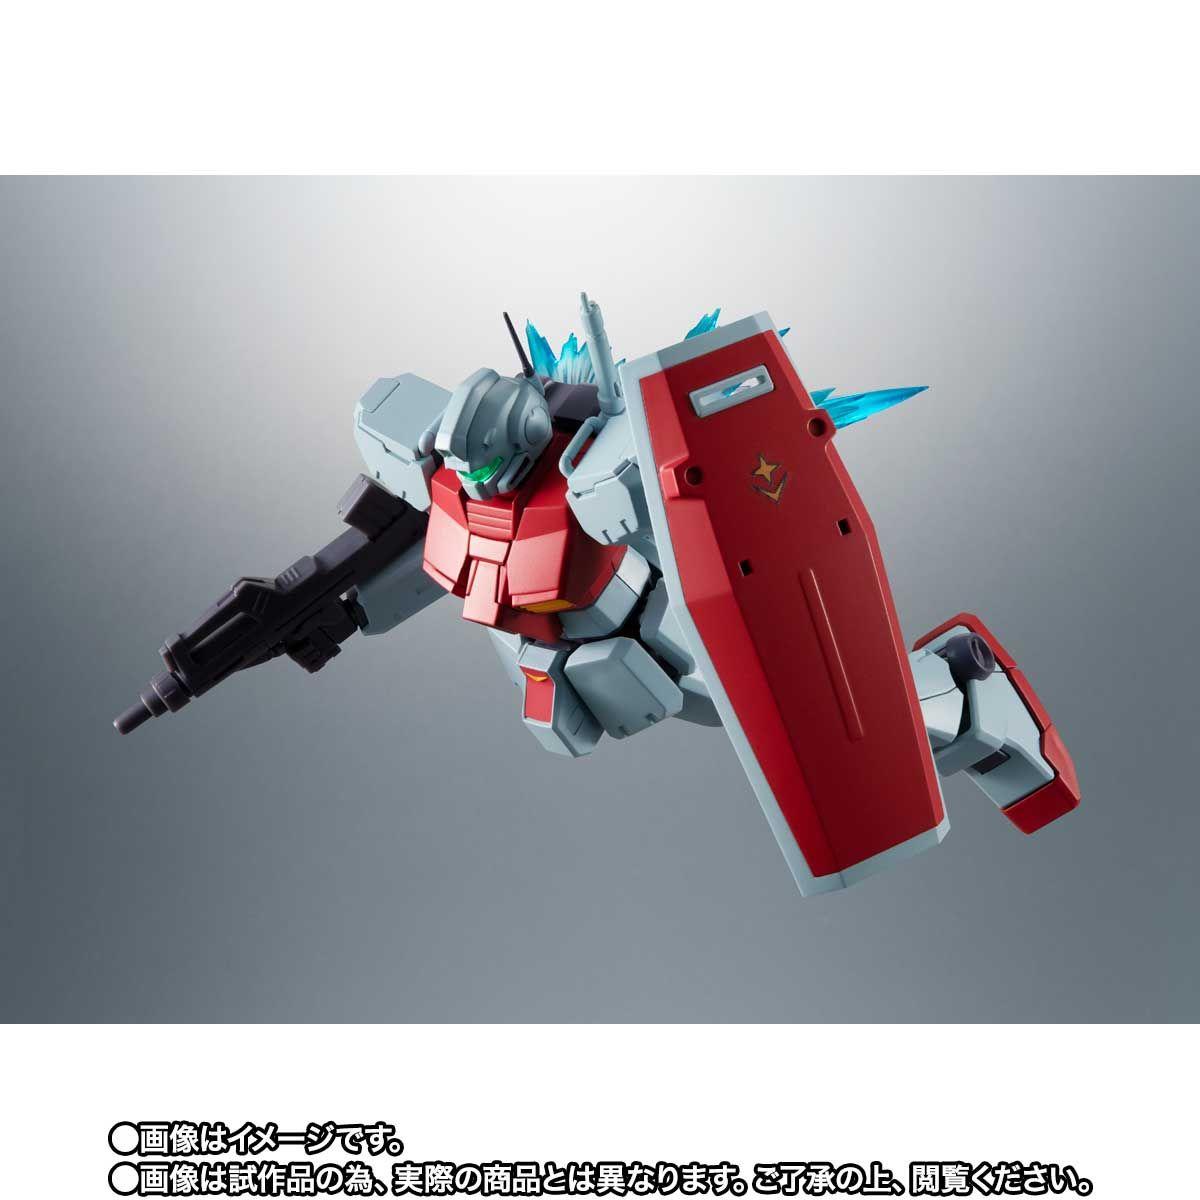 【限定販売】ROBOT魂〈SIDE MS〉『RGM-79C ジム改 宇宙戦仕様 ver. A.N.I.M.E.』ガンダム0083 可動フィギュア-004